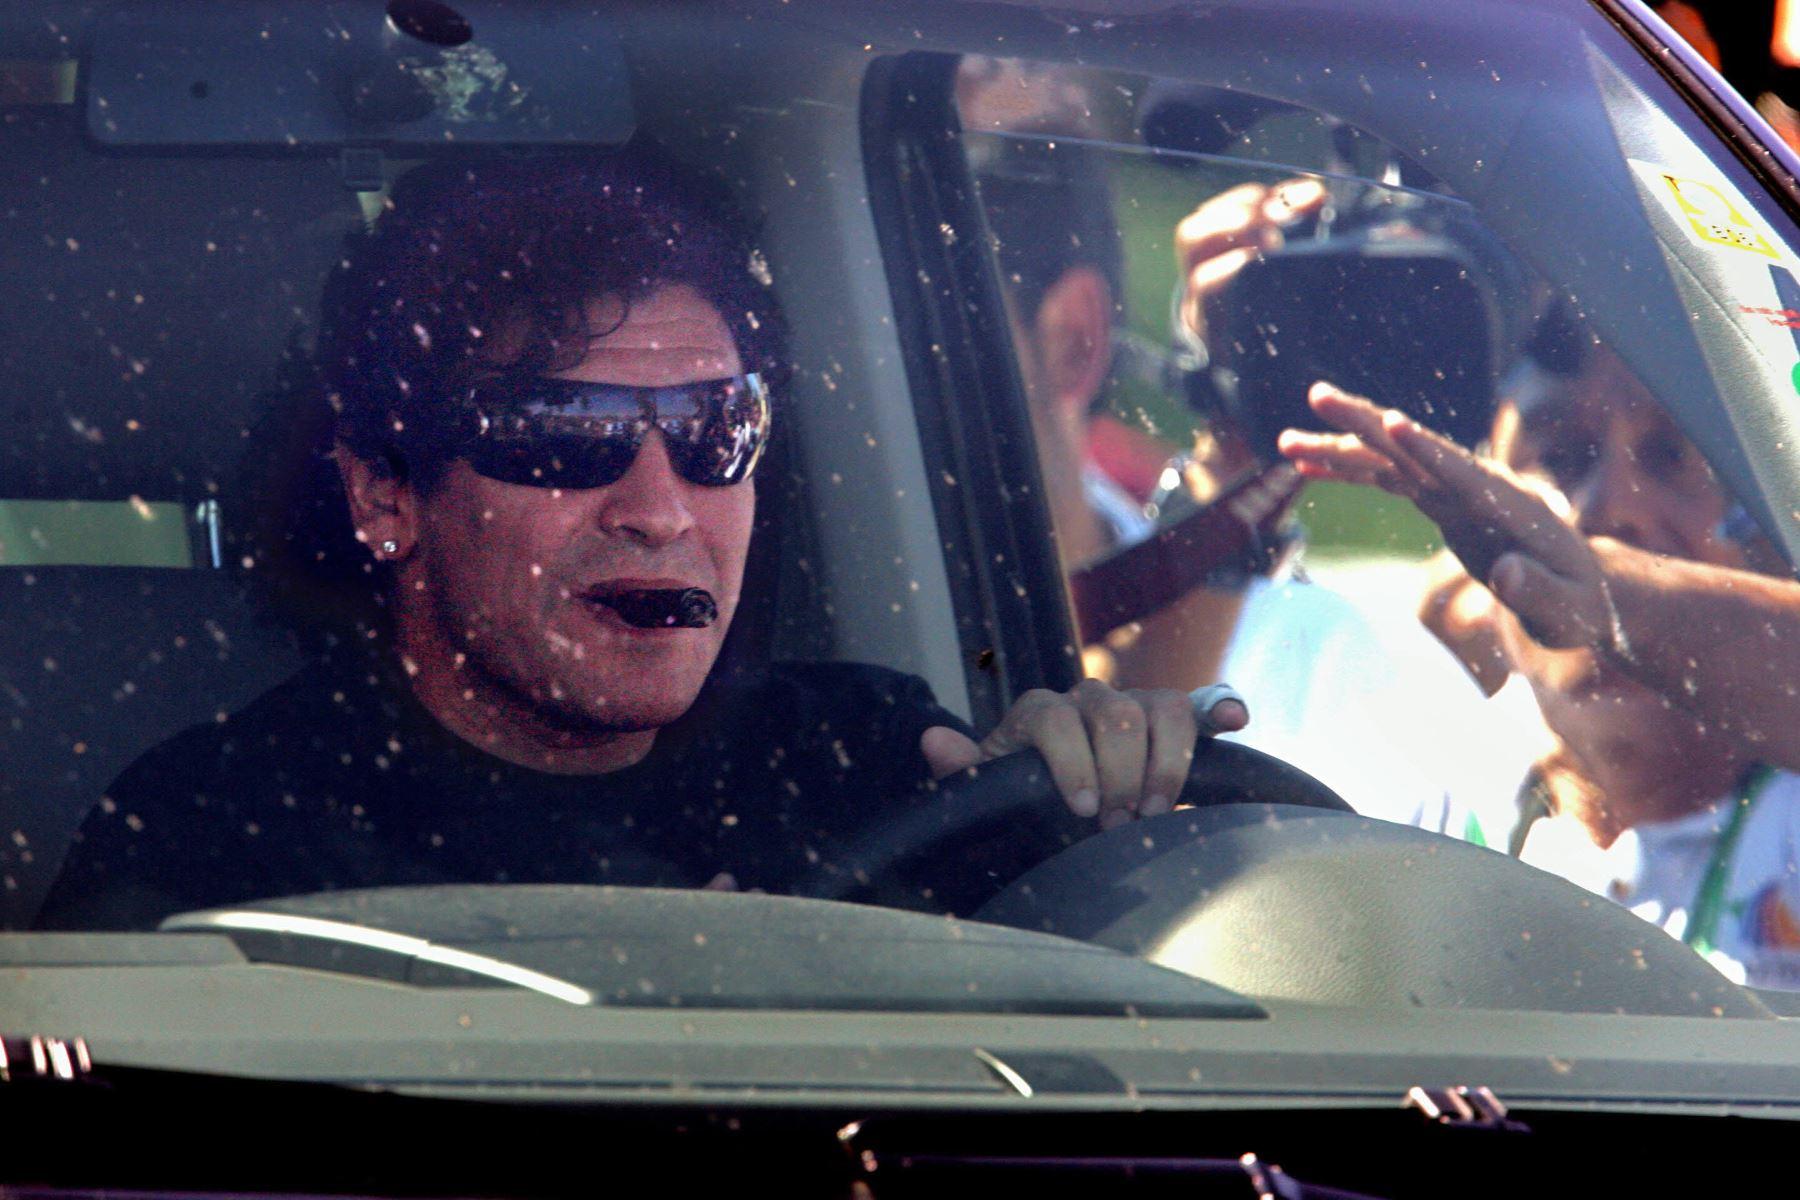 En esta foto de archivo tomada el 12 de junio de 2006, la gente saluda al astro del fútbol argentino Diego Maradona mientras se transporta en automóvil para salir del Hotel HerzogsPark en Herzogenaurach, en el sur de Alemania, durante el Mundial de Fútbol de Alemania 2006. Foto: AFP